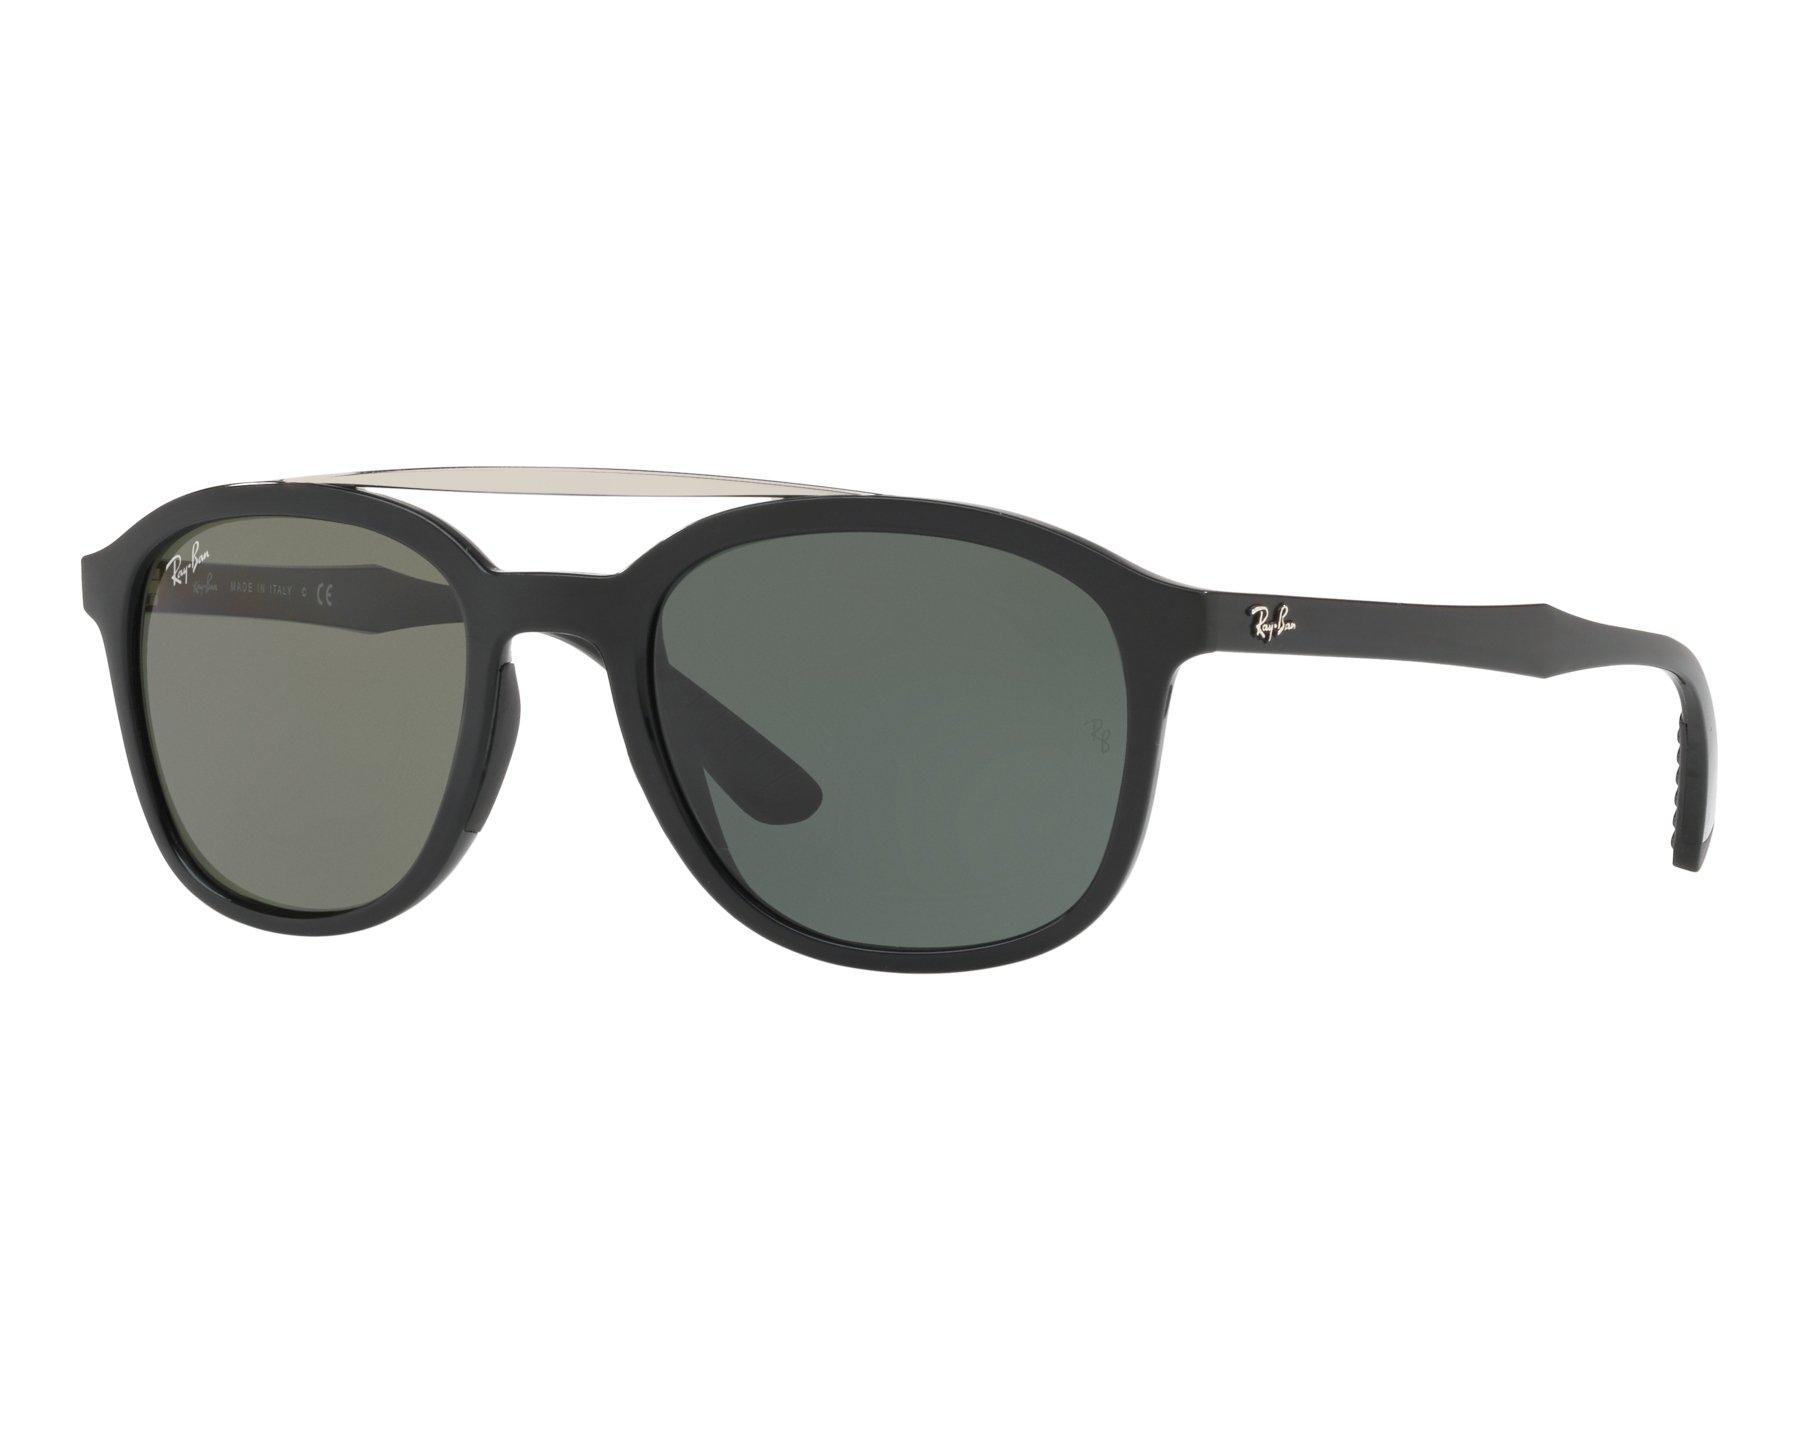 RAY BAN RAY-BAN Herren Sonnenbrille » RB4290«, schwarz, 601/71 - schwarz/grün